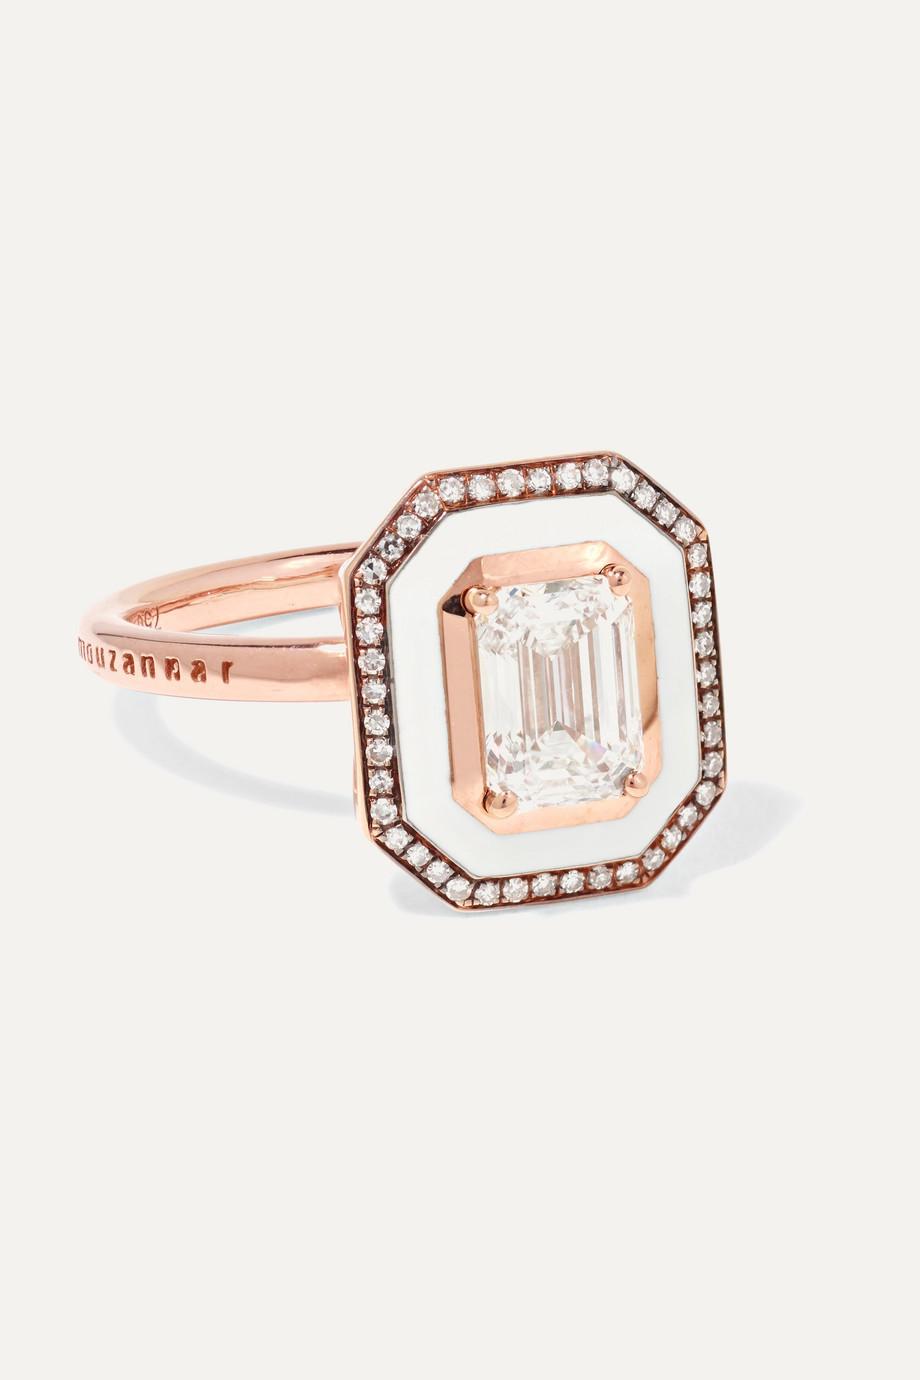 Selim Mouzannar Mina Ring aus 18 Karat Roségold mit Emaille und Diamanten